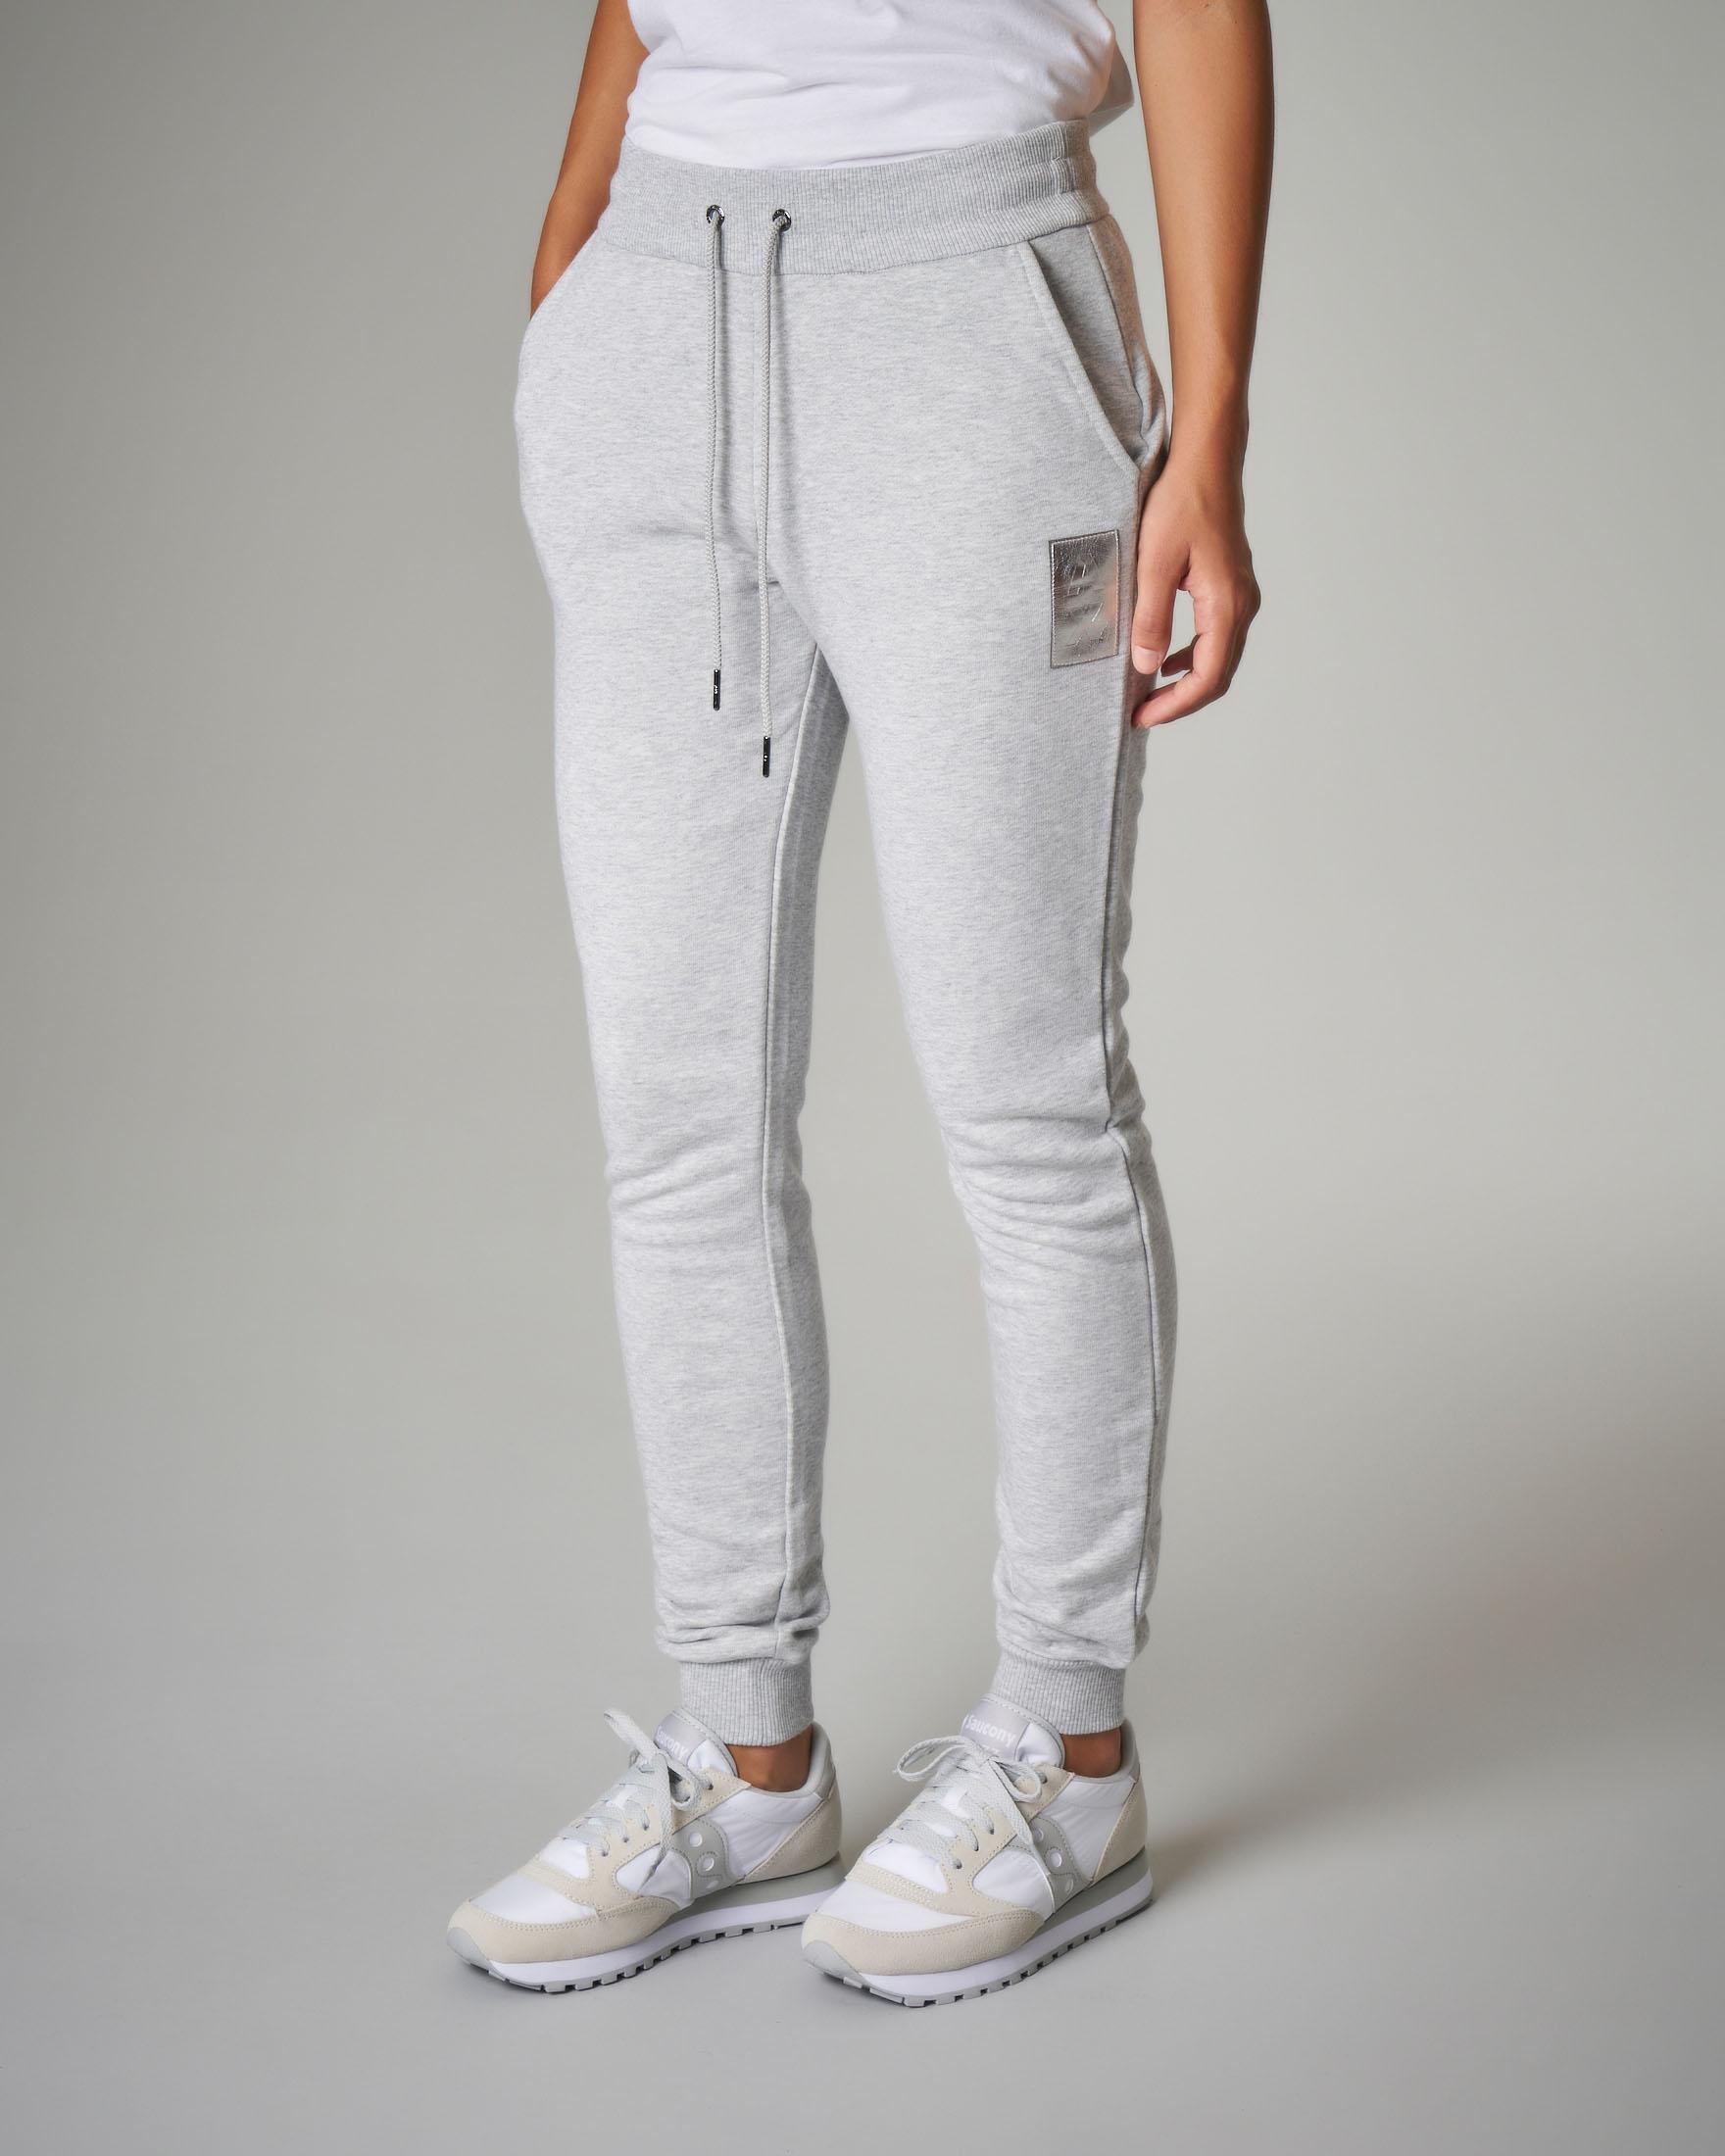 Pantaloni tuta grigi con logo metallizzato